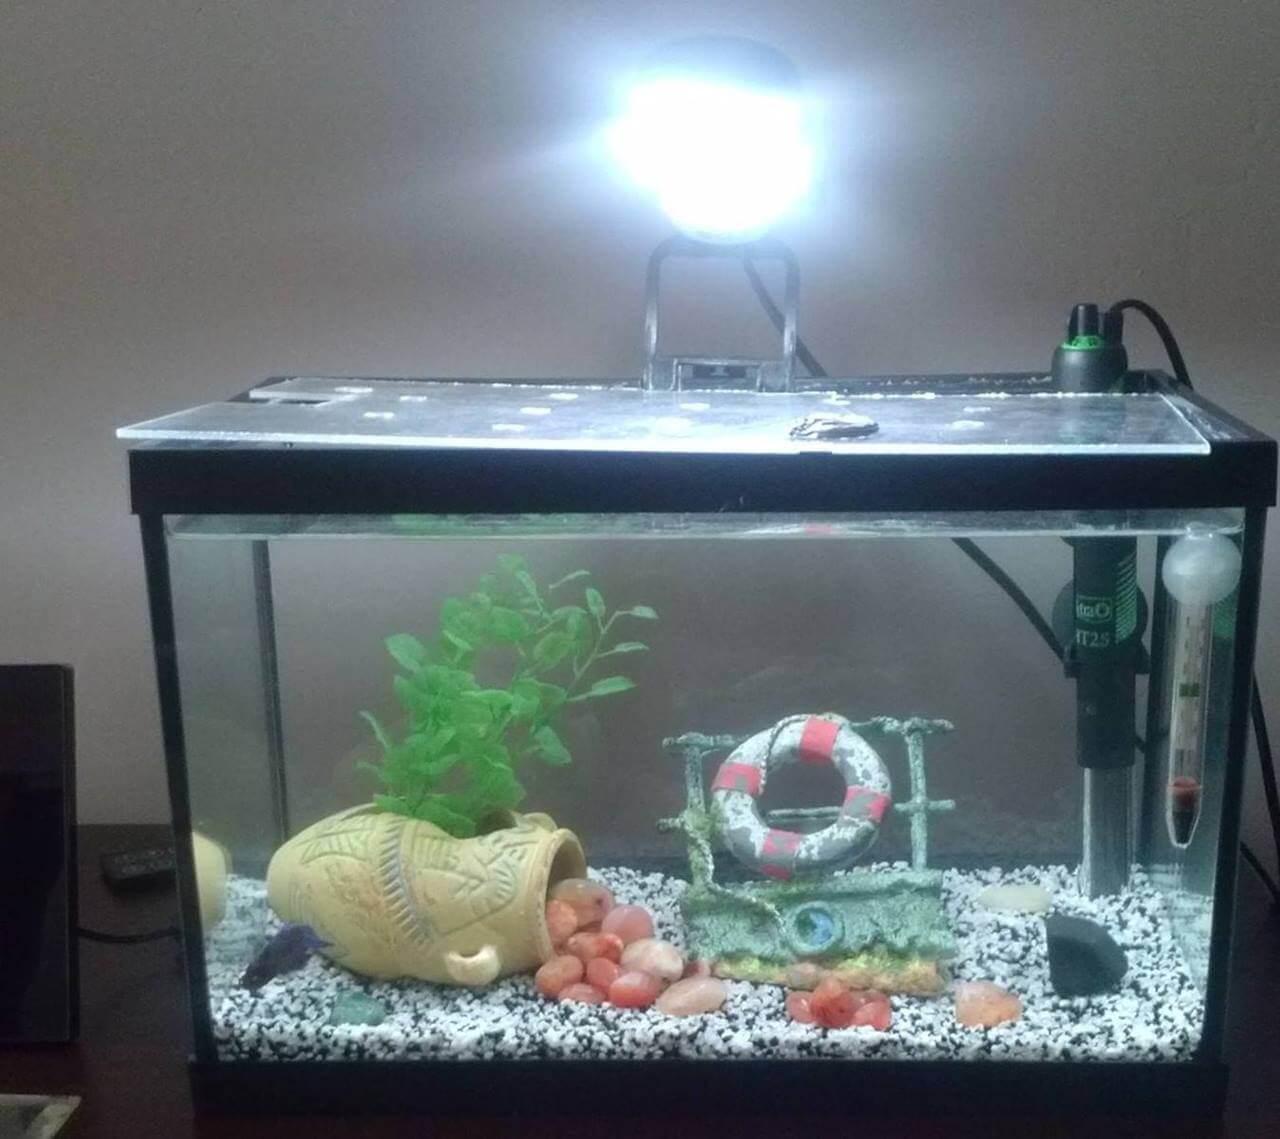 comment mettre une pompe dans un aquarium